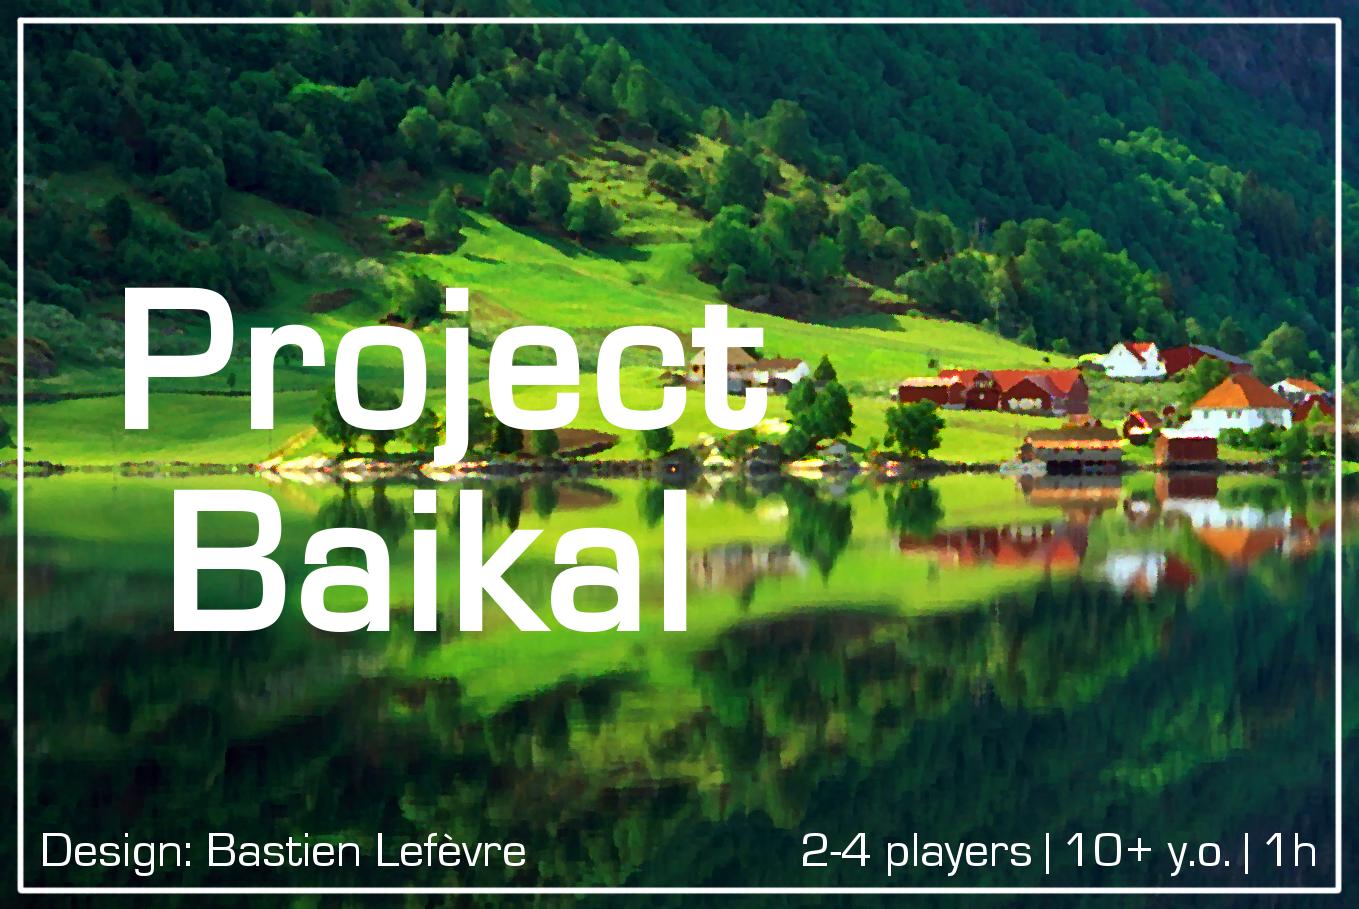 Project Baikal